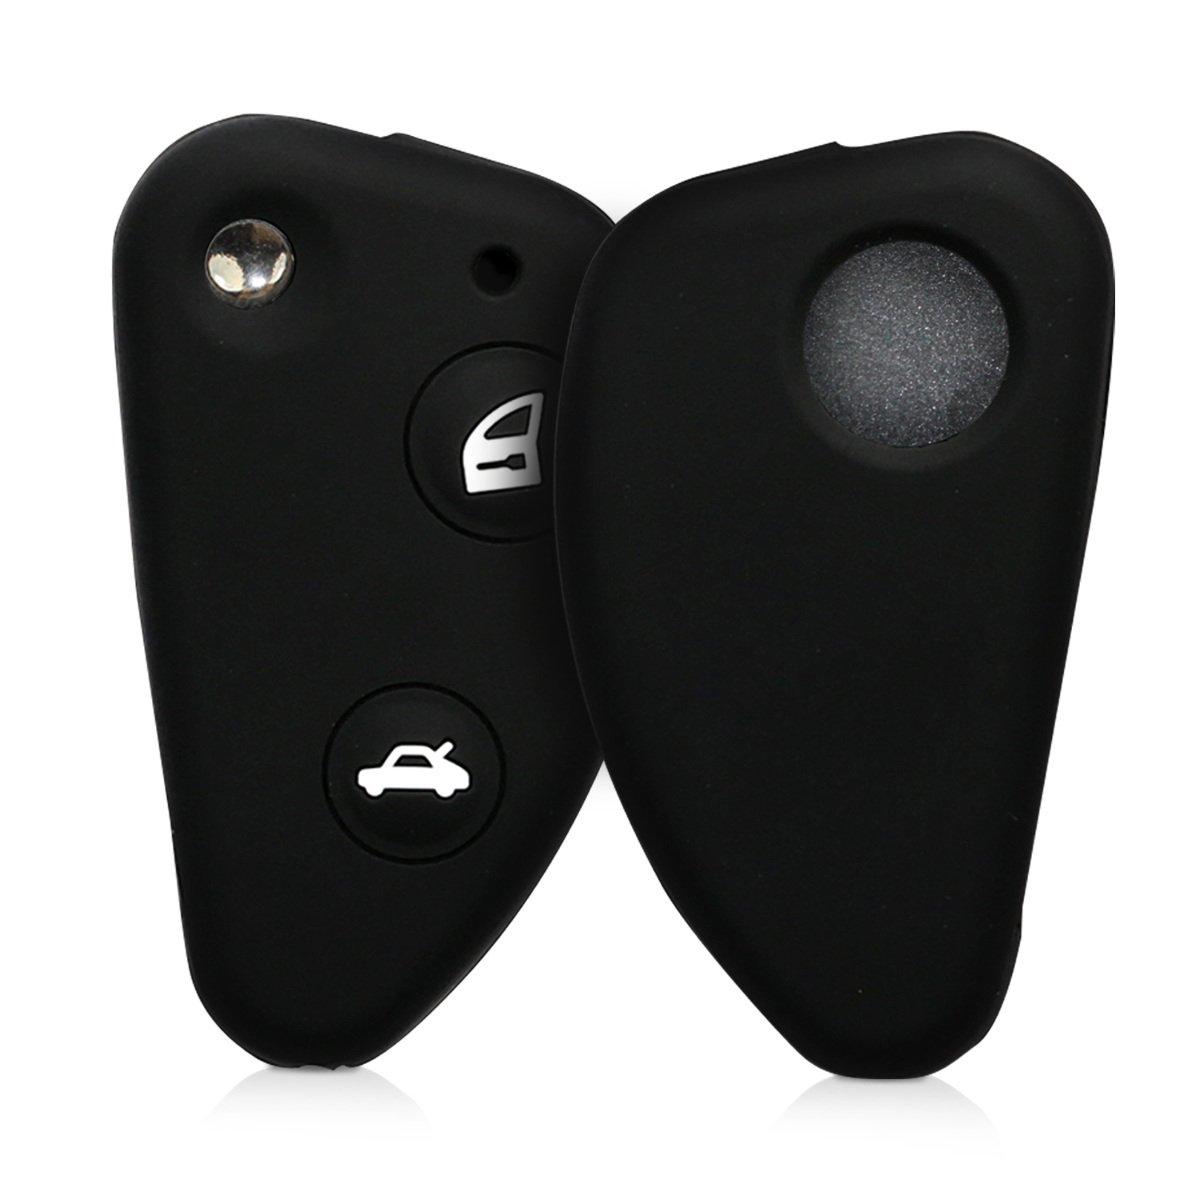 Carcasa Protectora Suave de Silicona Case Mando de Auto Negro kwmobile Funda de Silicona para Llave Plegable de 3 Botones para Coche Alfa Romeo